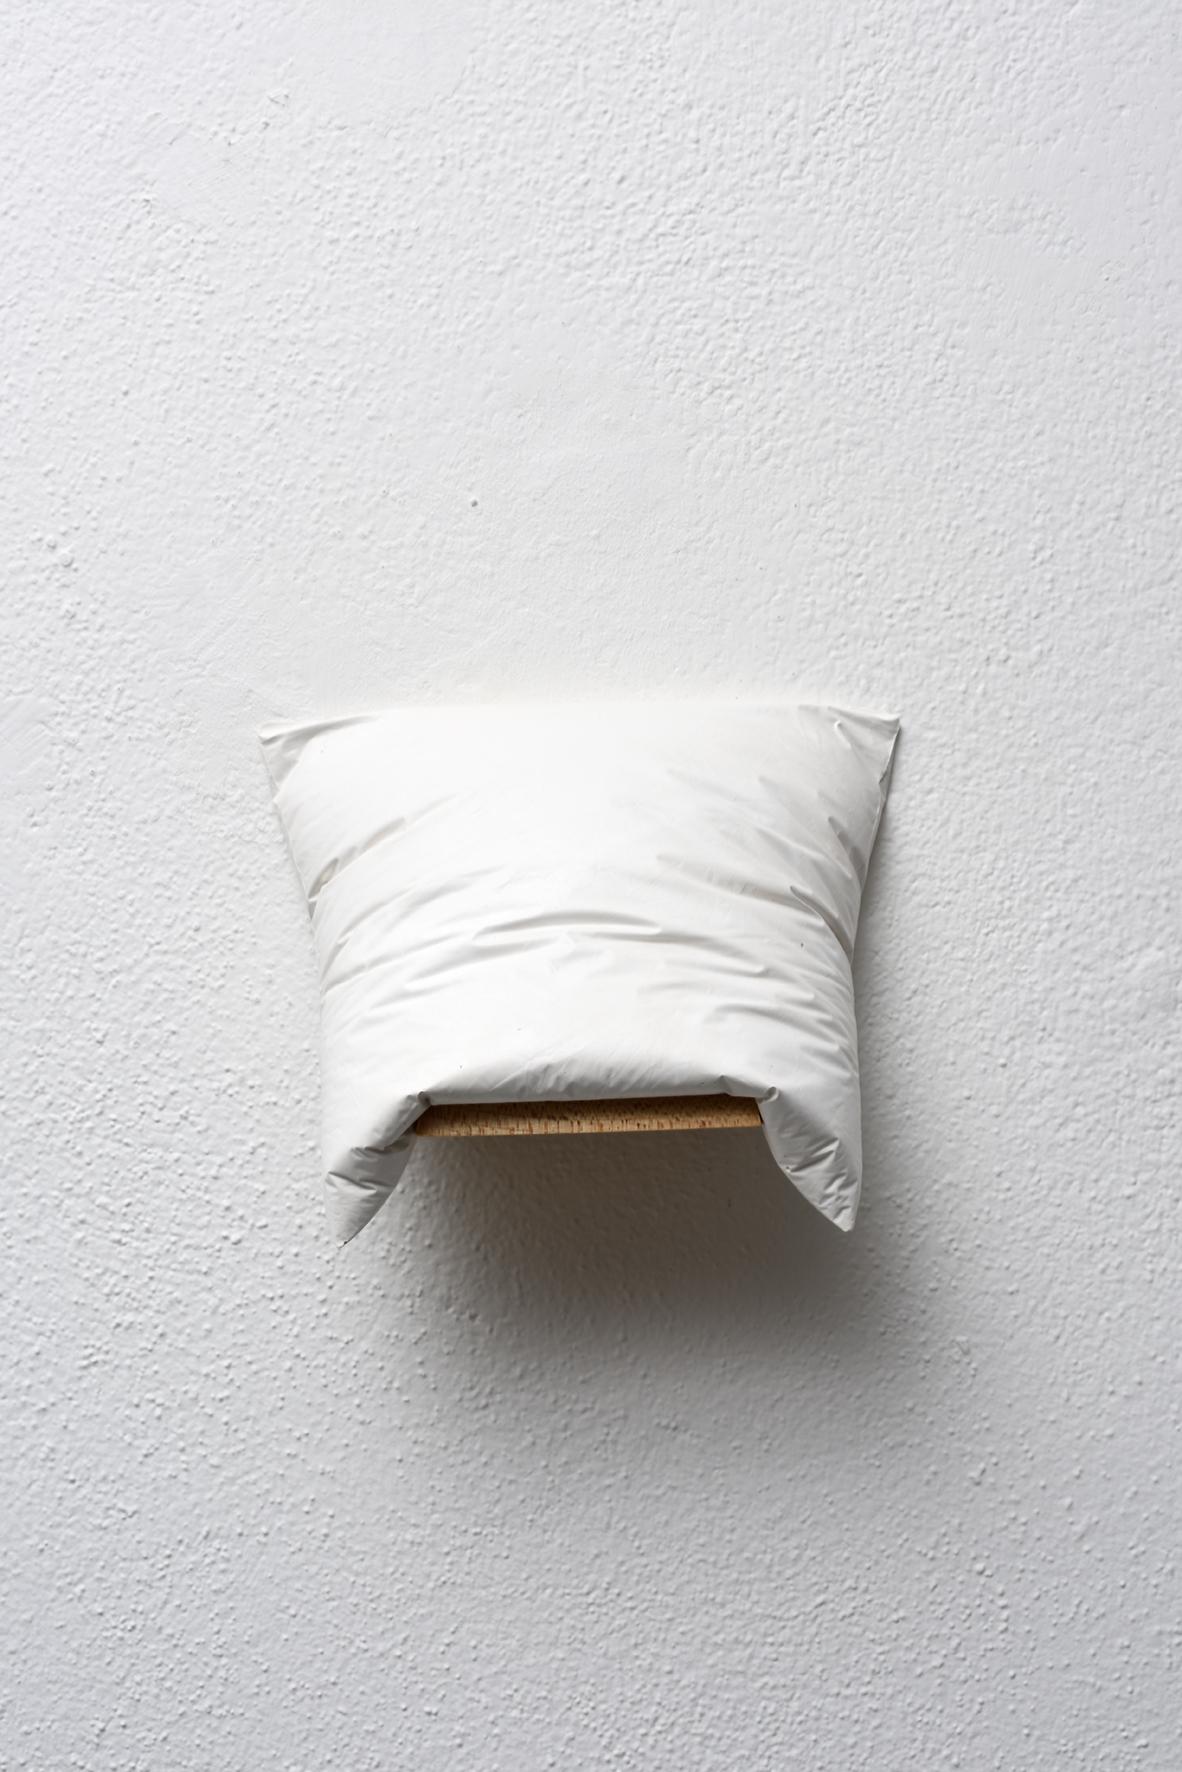 Emil Lukas, #1216 - heavy pillow, 2012, gesso e legno, 14x17x9 cm. Foto Michele Alberto Sereni. Courtesy Studio la Città - Verona